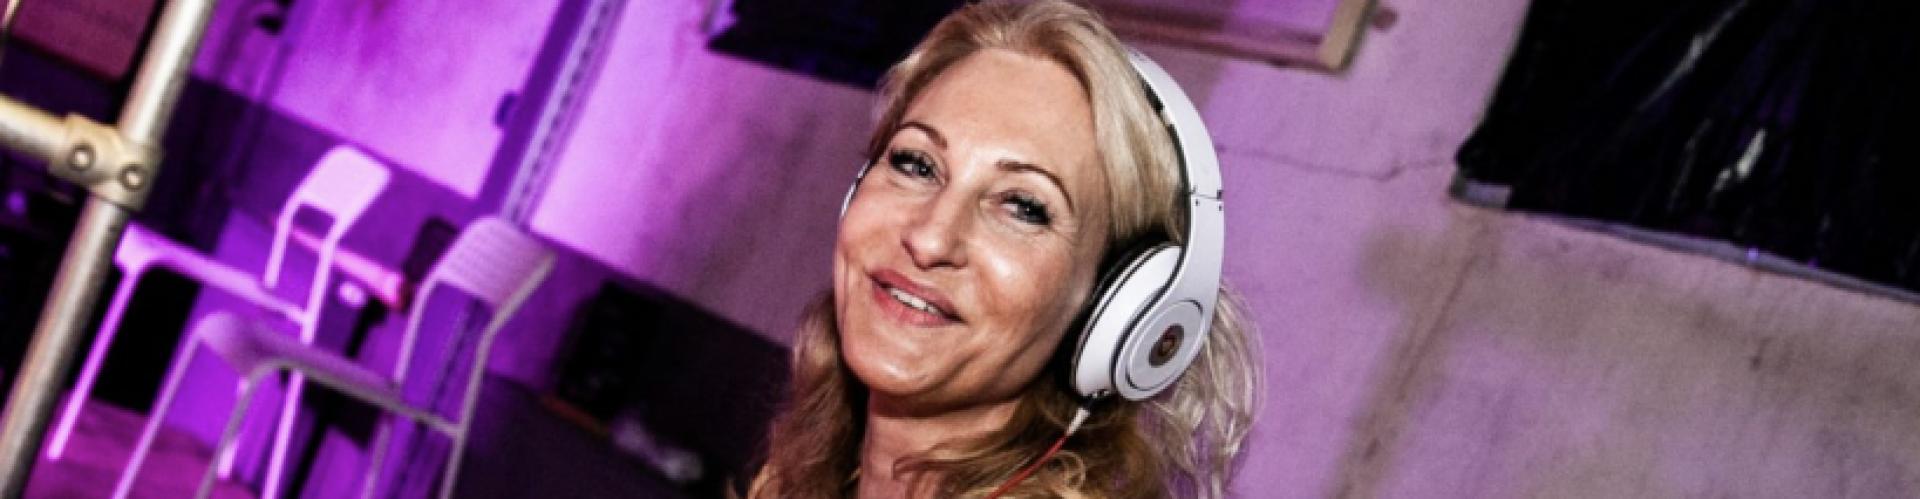 Vrouwelijke DJ Agnes huren vriendelijk en veelzijdig